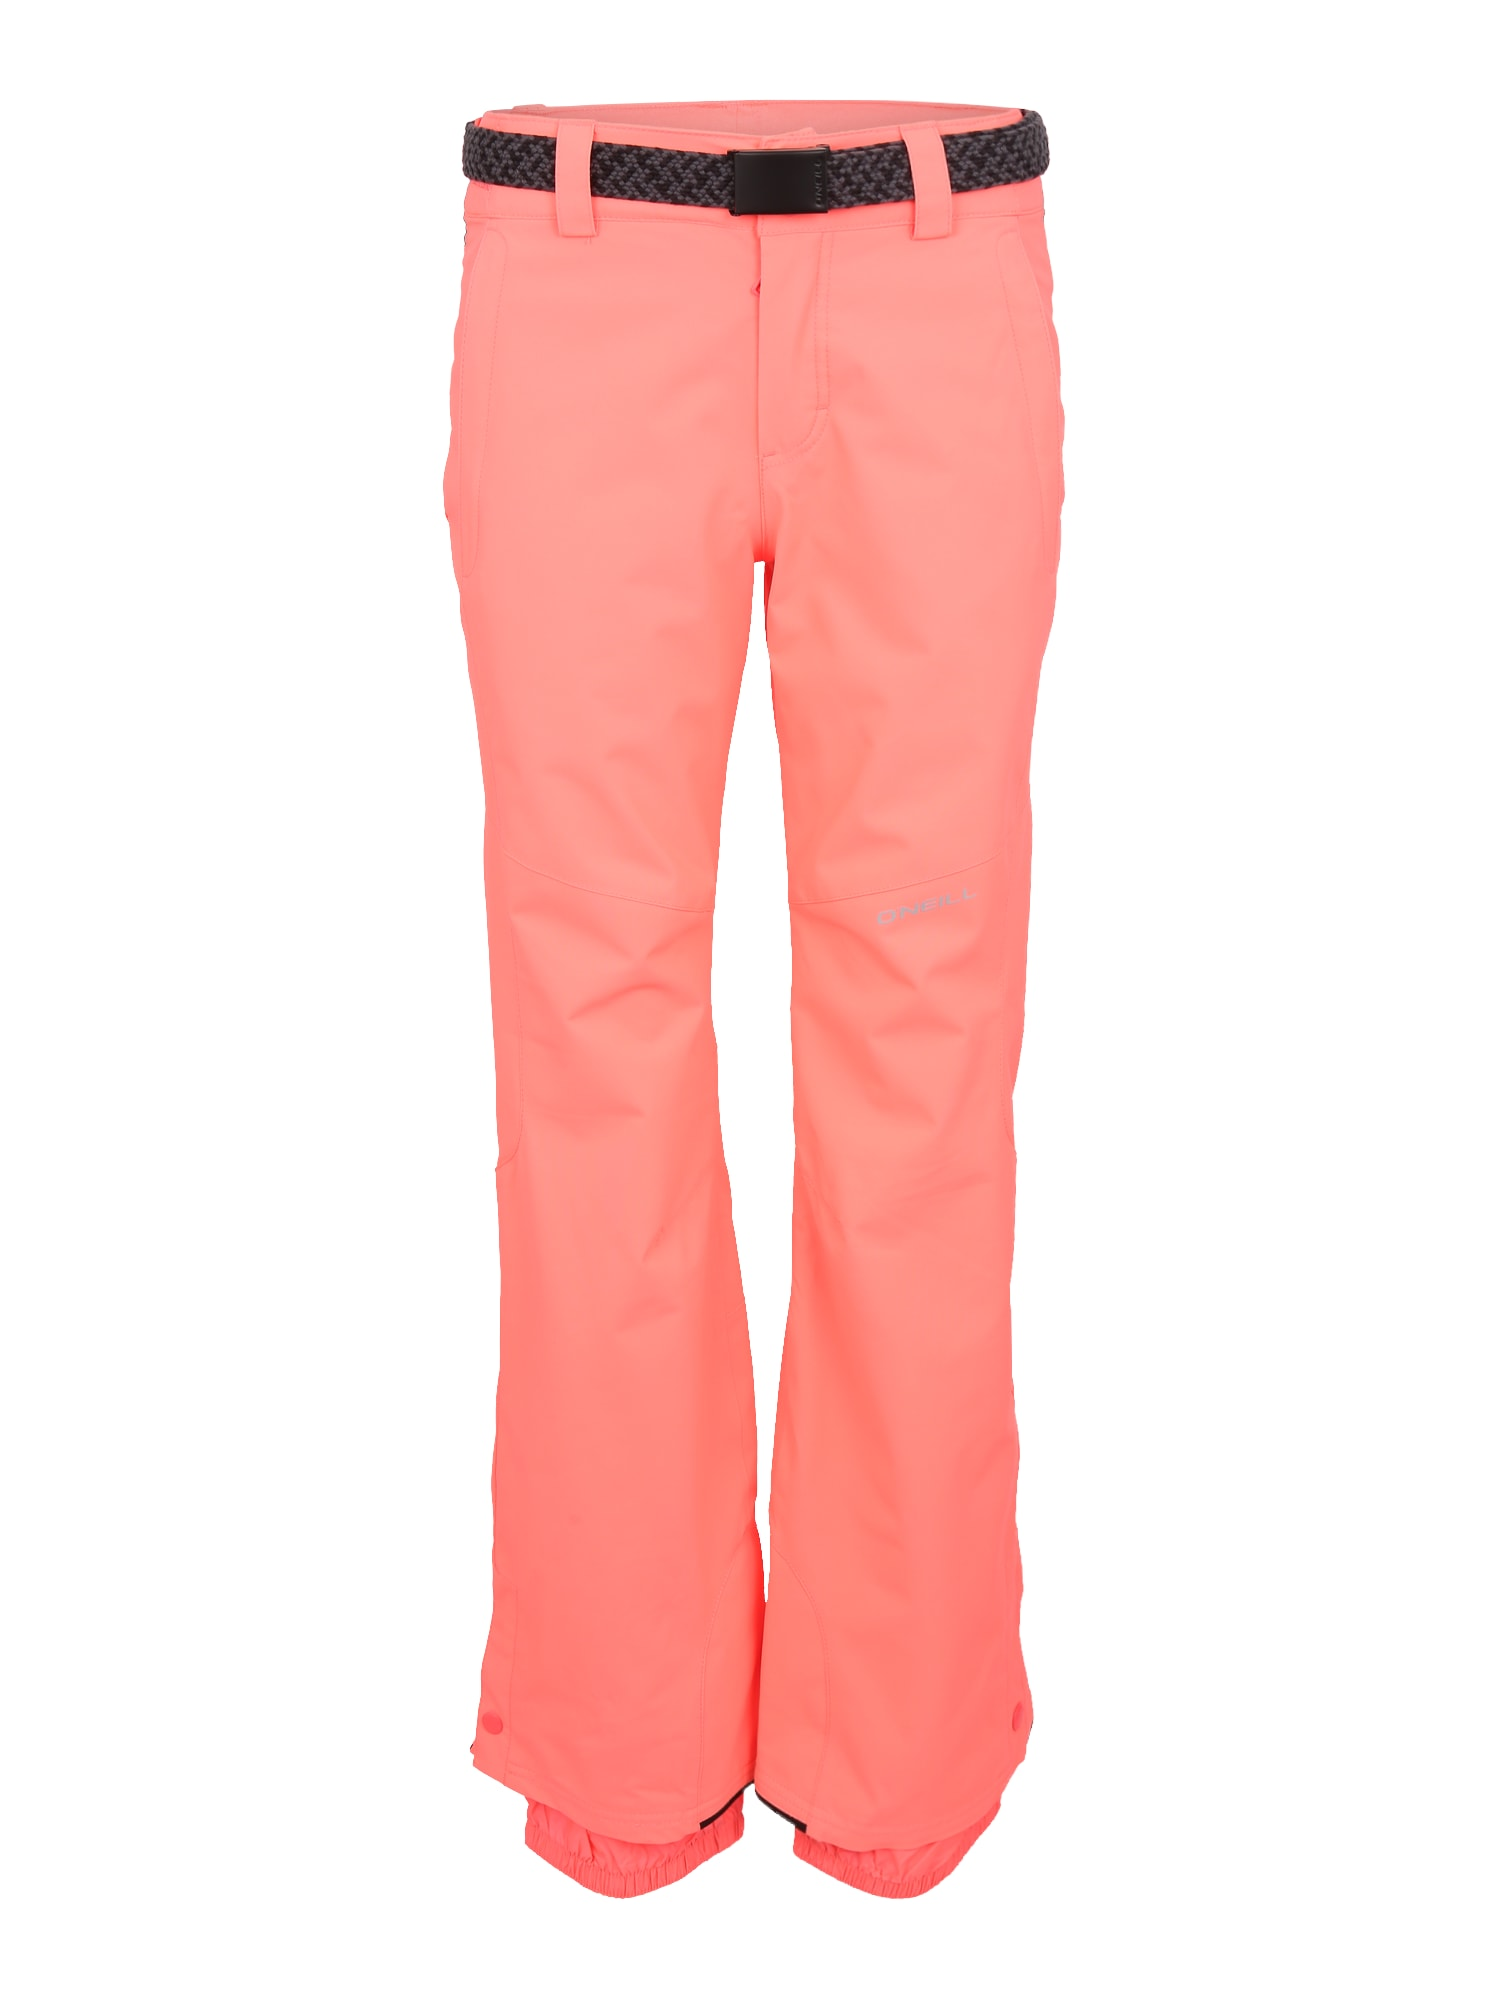 ONEILL Outdoorové kalhoty Star korálová O'NEILL